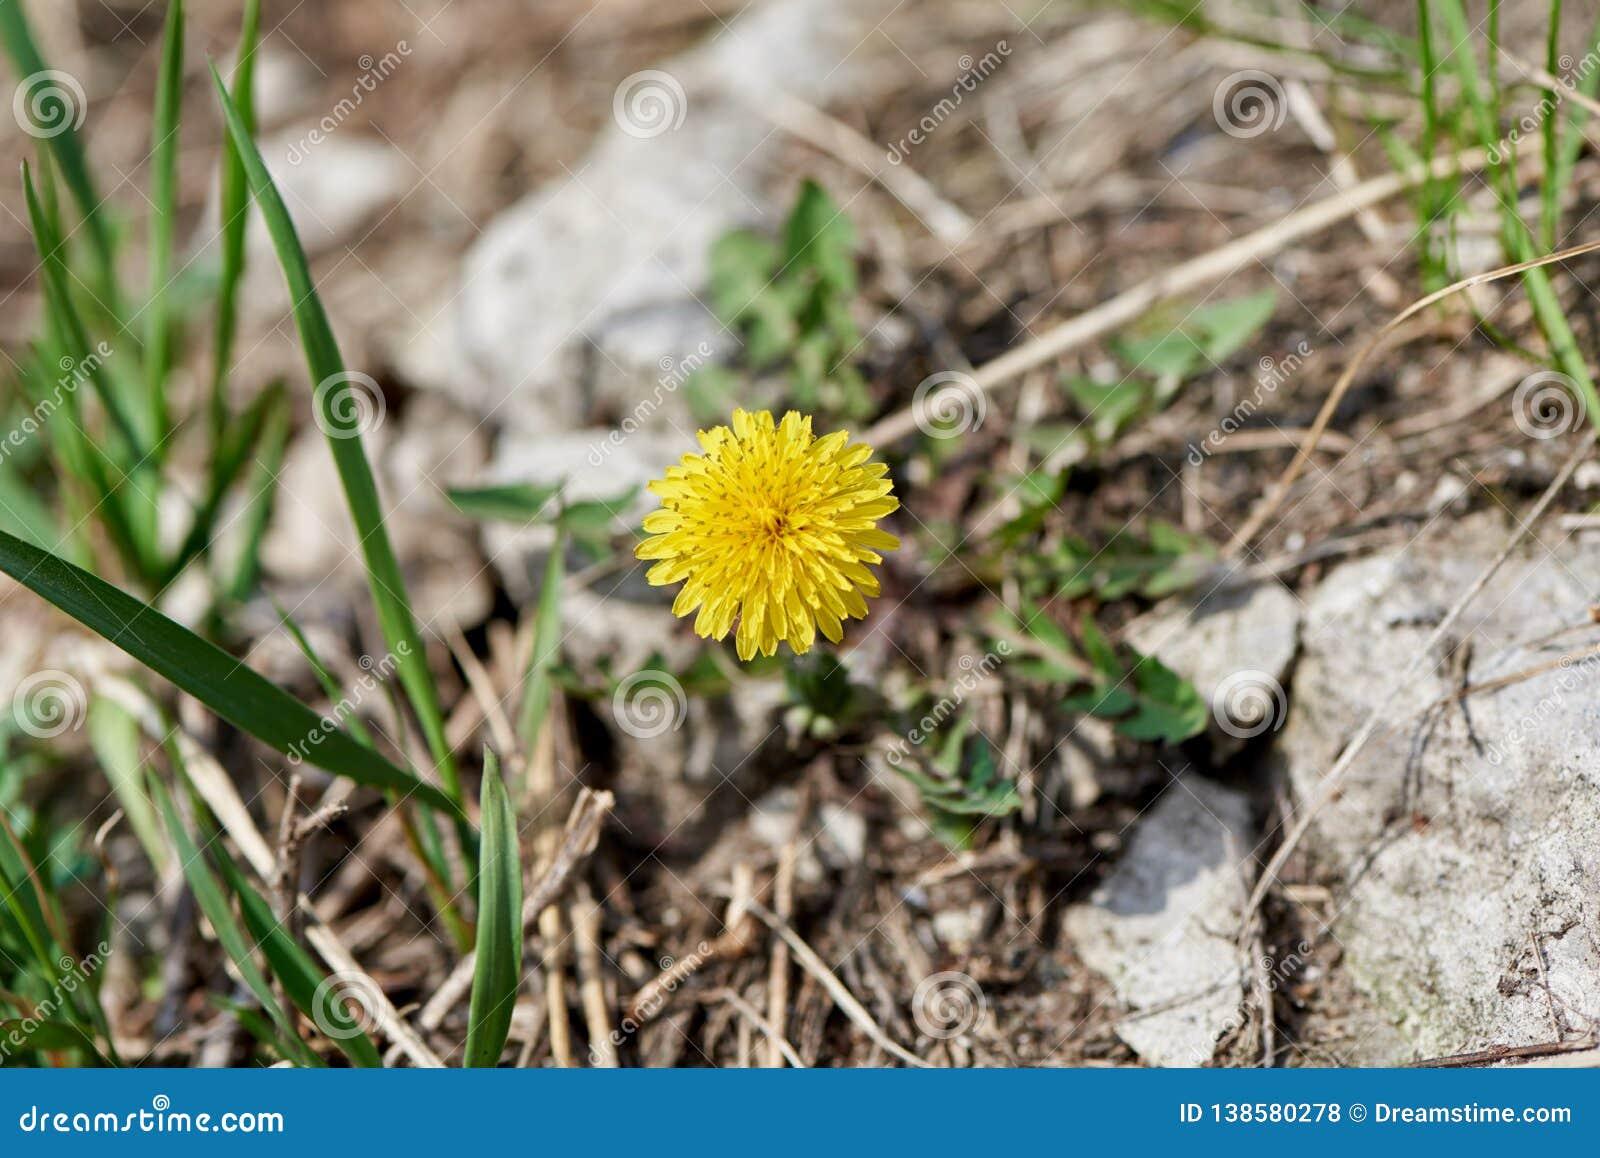 Flor amarilla del resorte